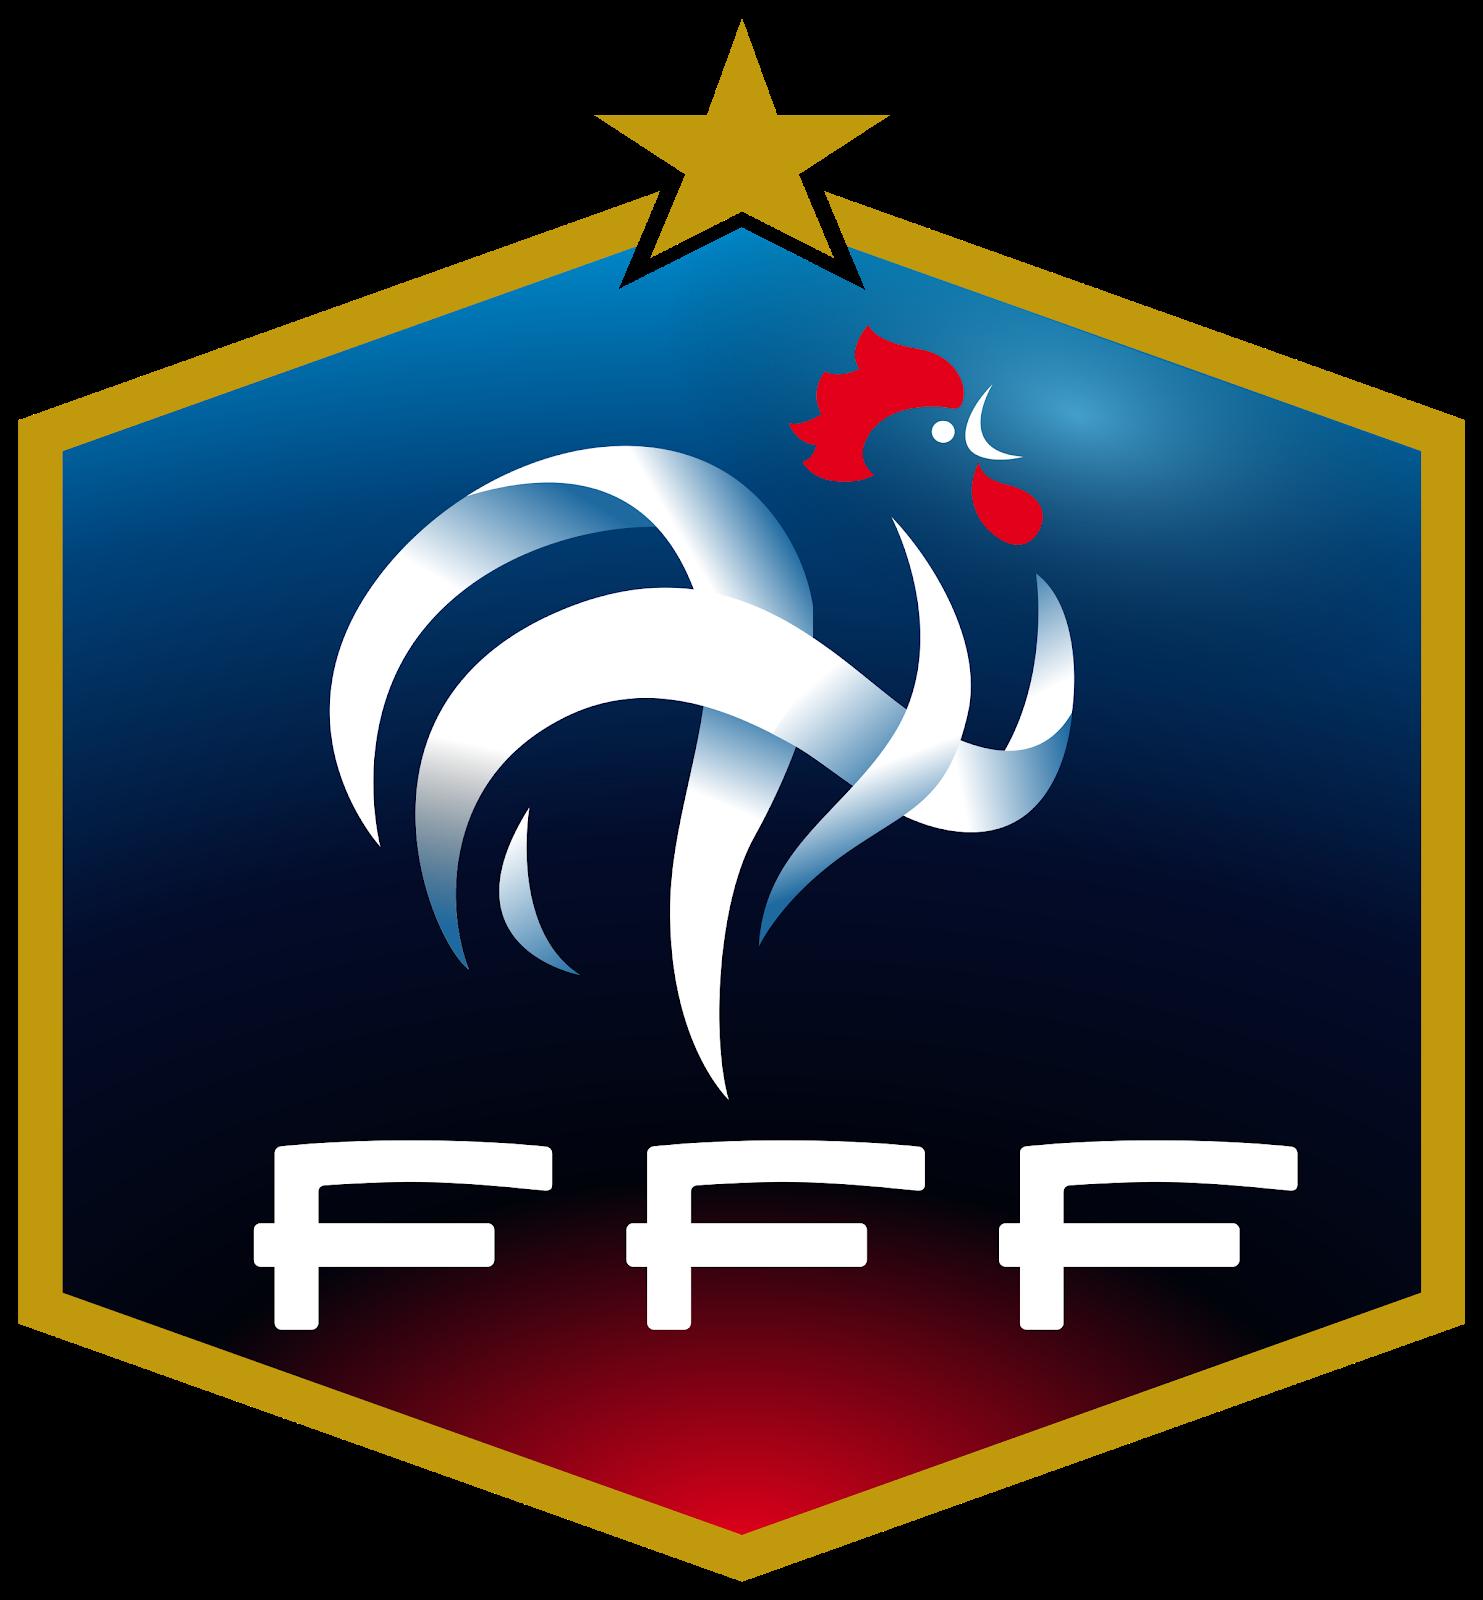 Nationale Fußballverband Frankreichs